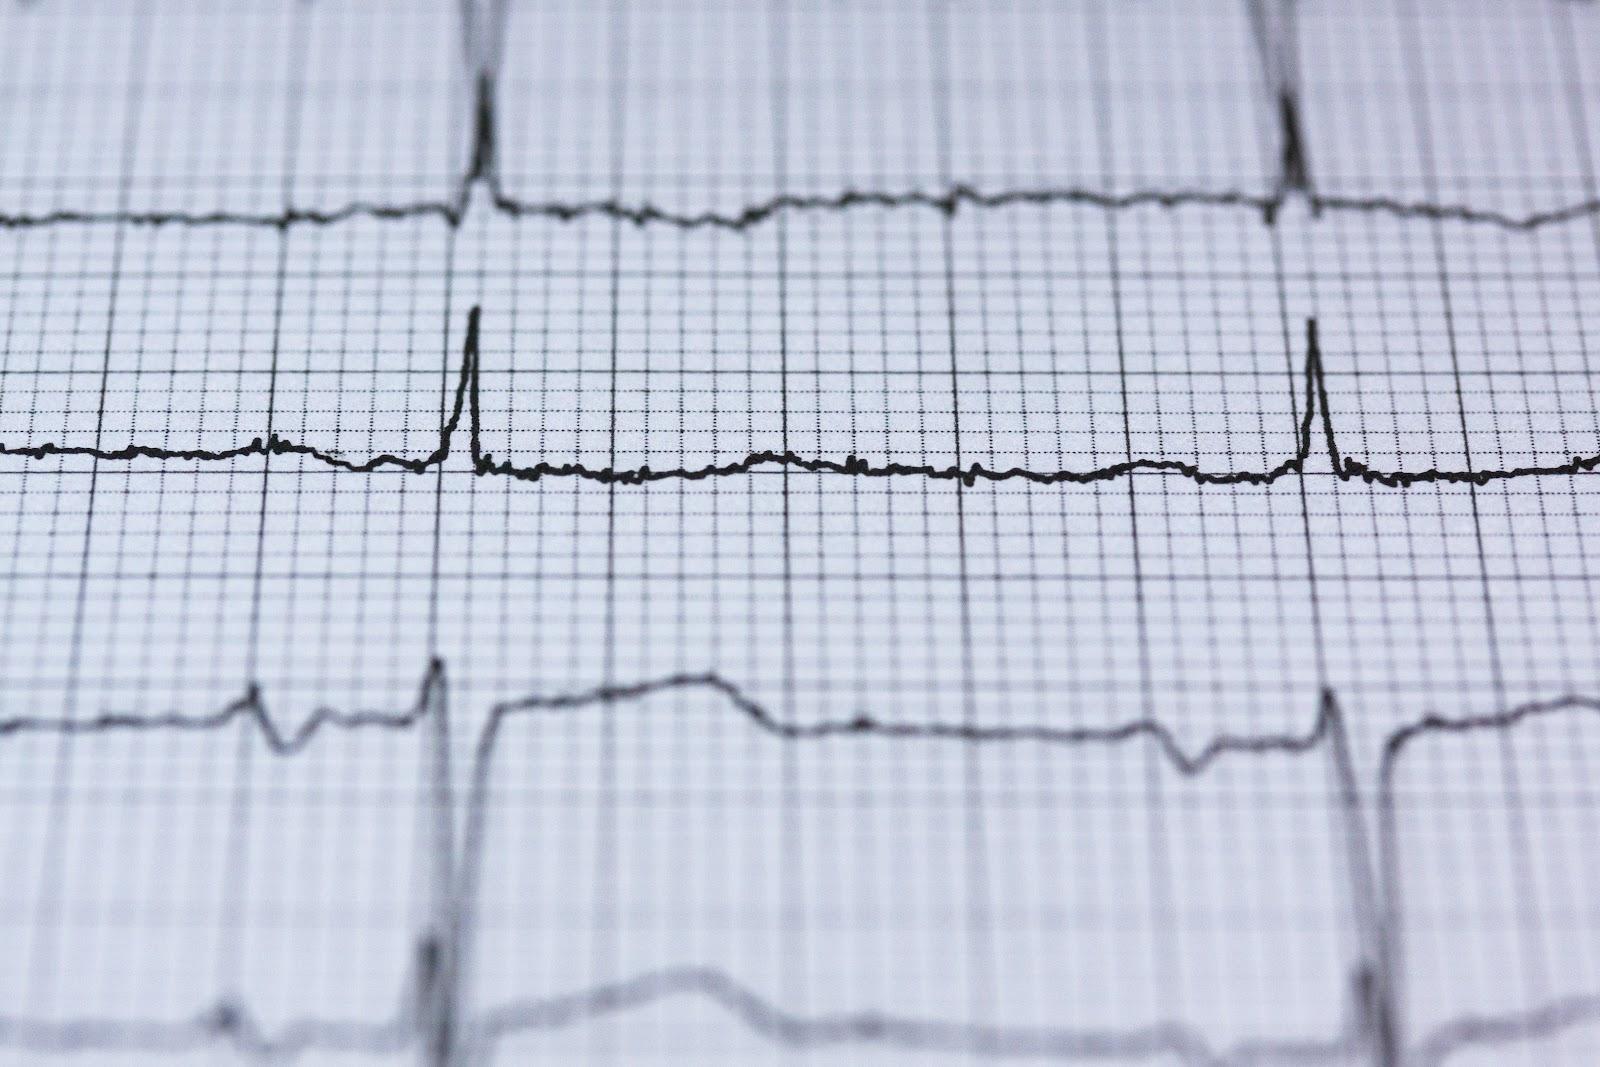 EKG readout